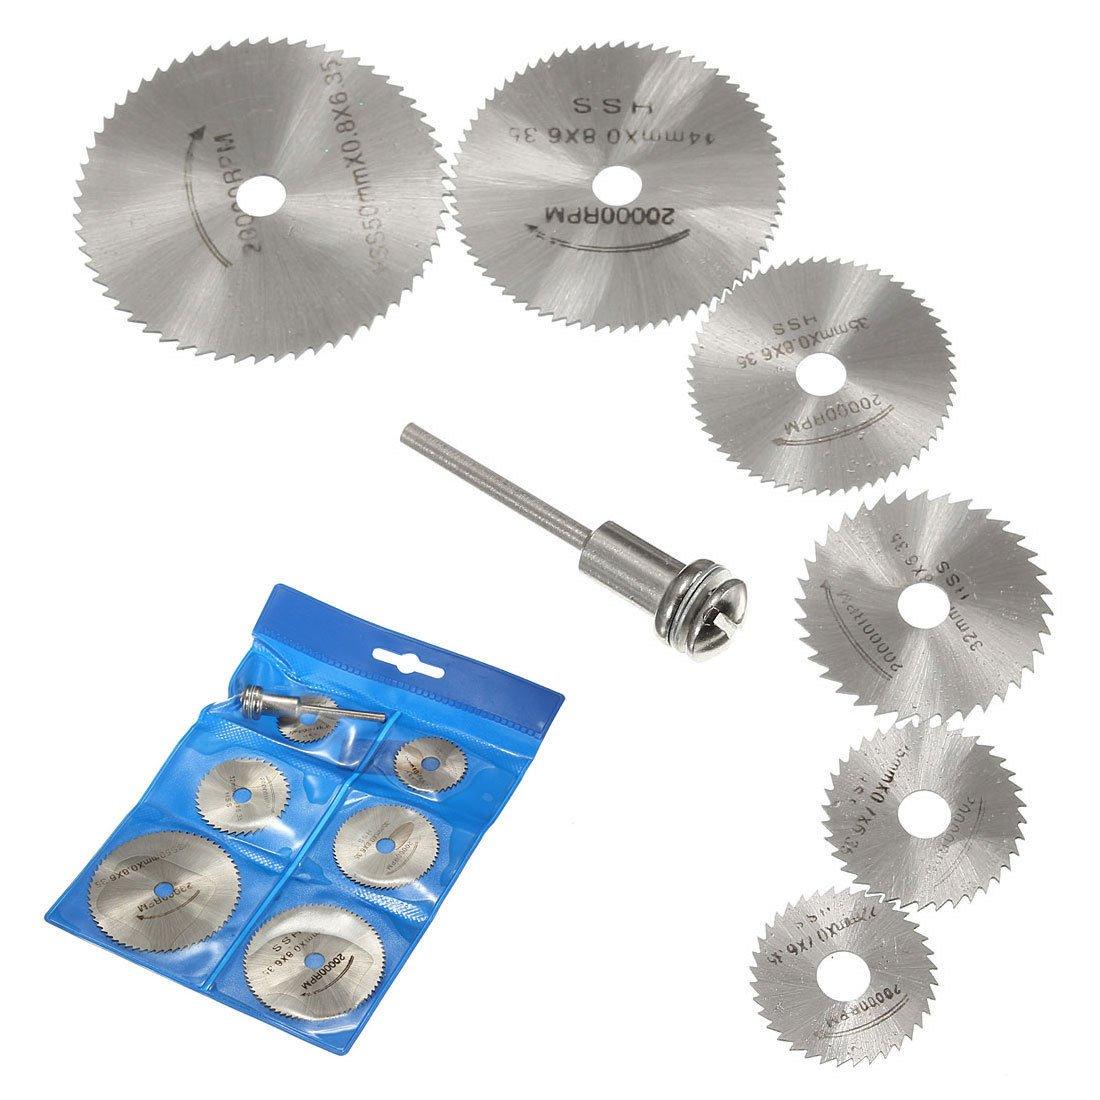 Juego de discos de corte de hojas de sierra circulares giratorias y mandril rotativo, de acero, para taladro